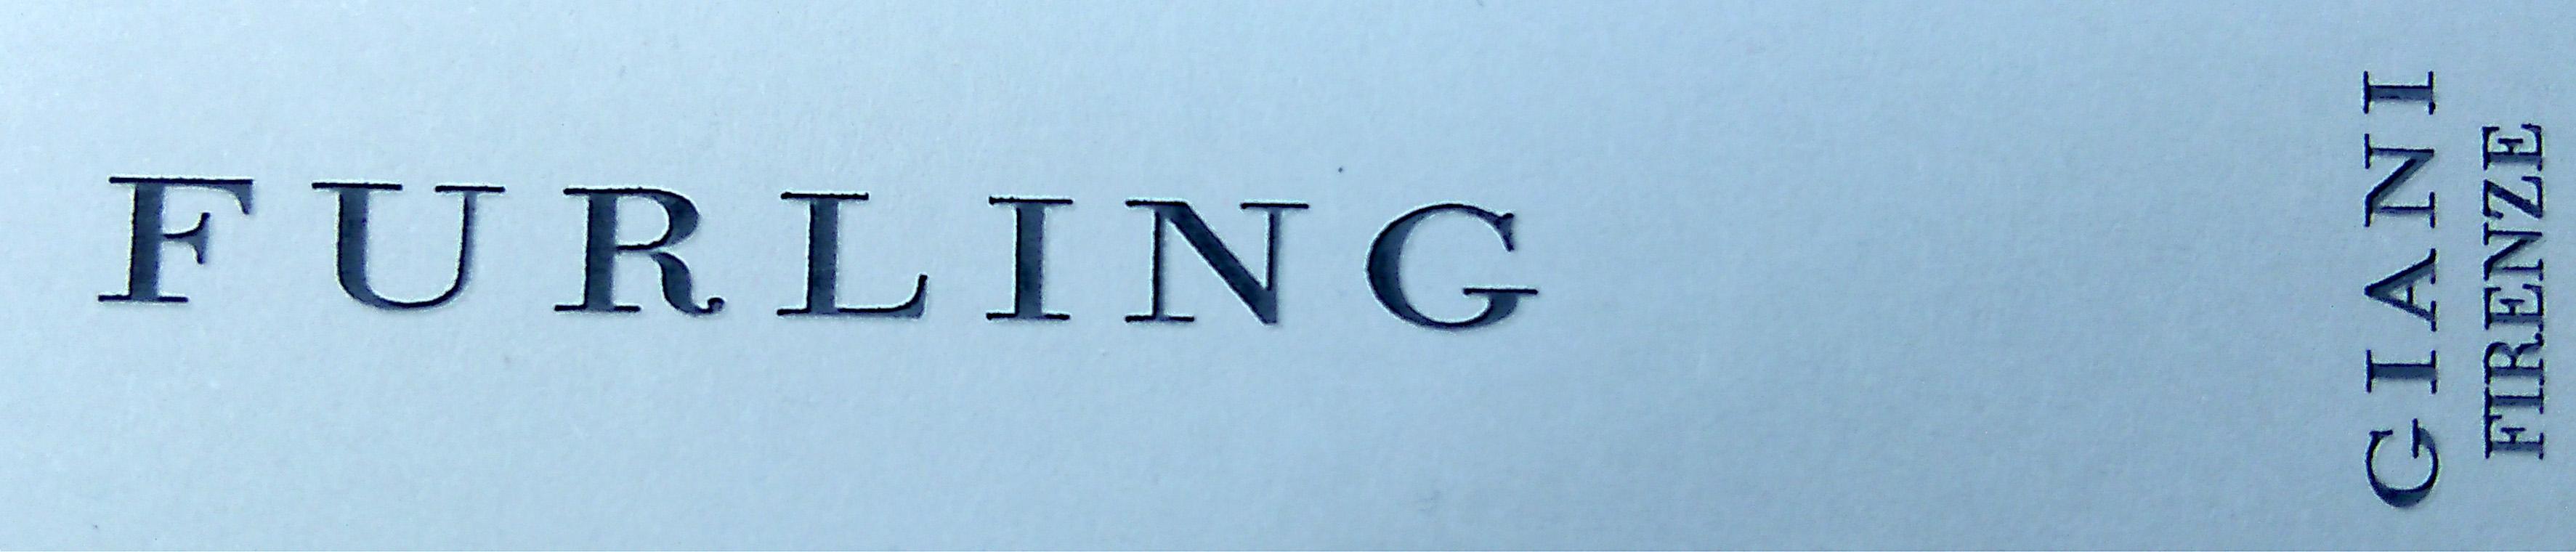 Furling